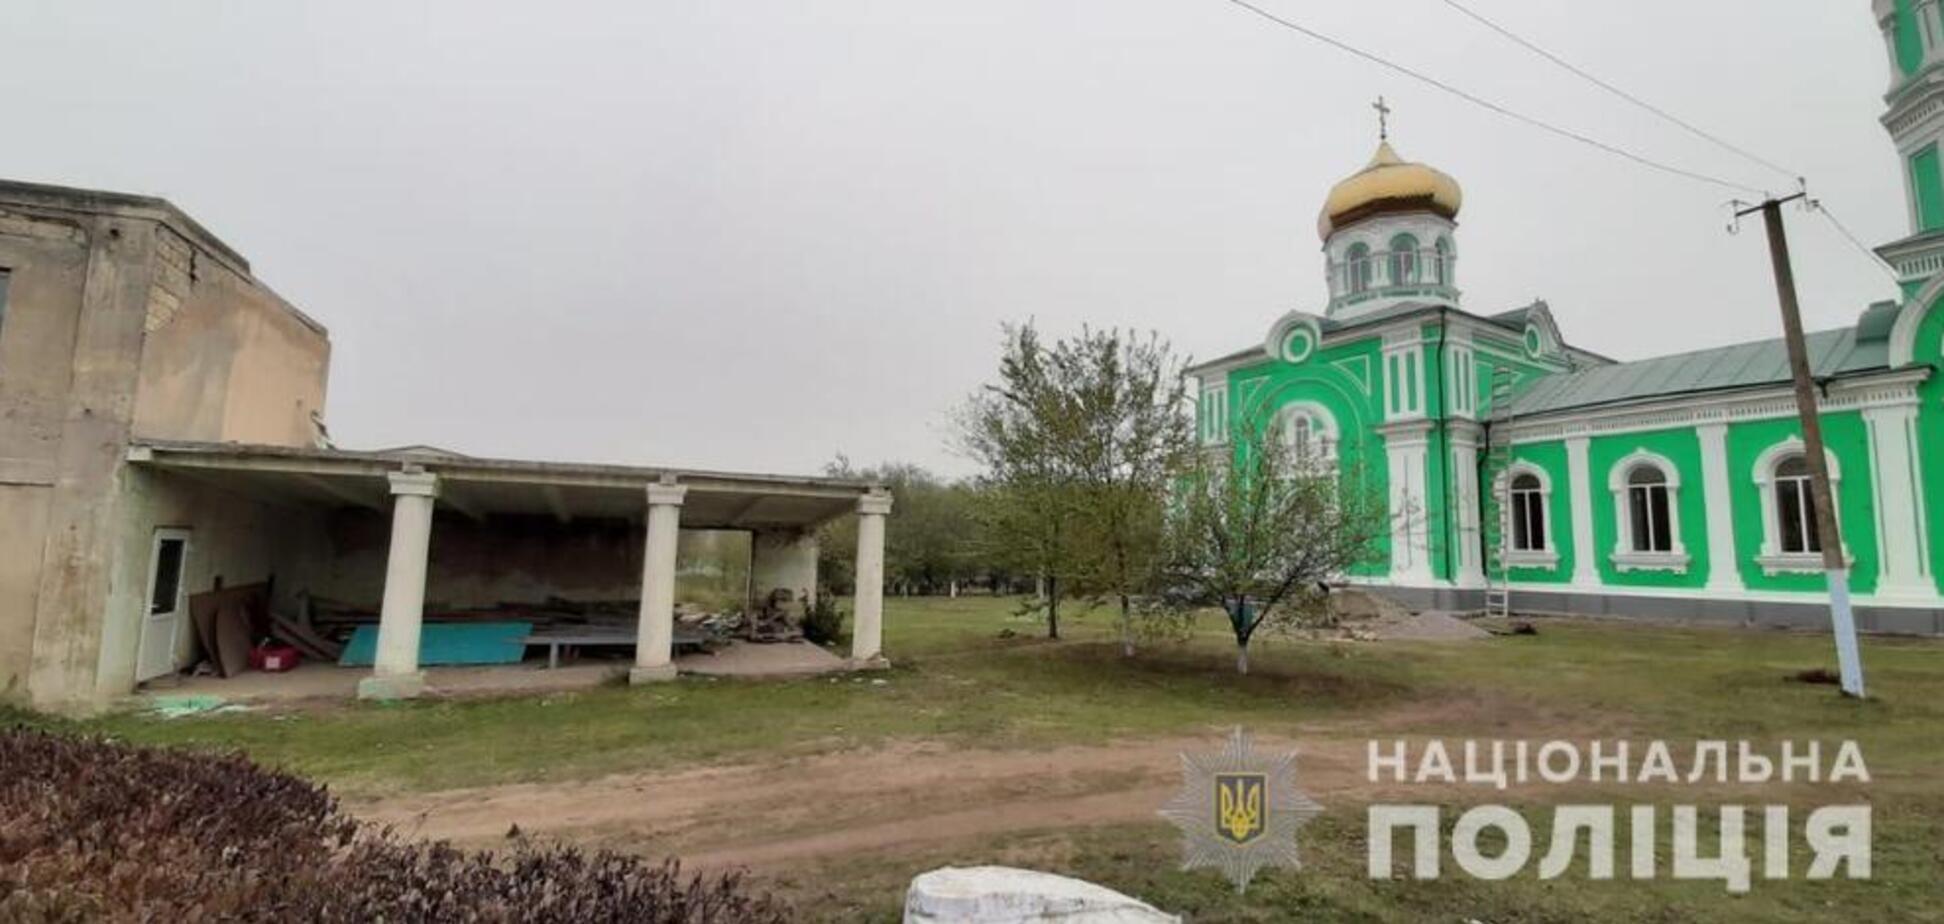 Нічого святого: в Одеській області з церкви вкрали холодильник